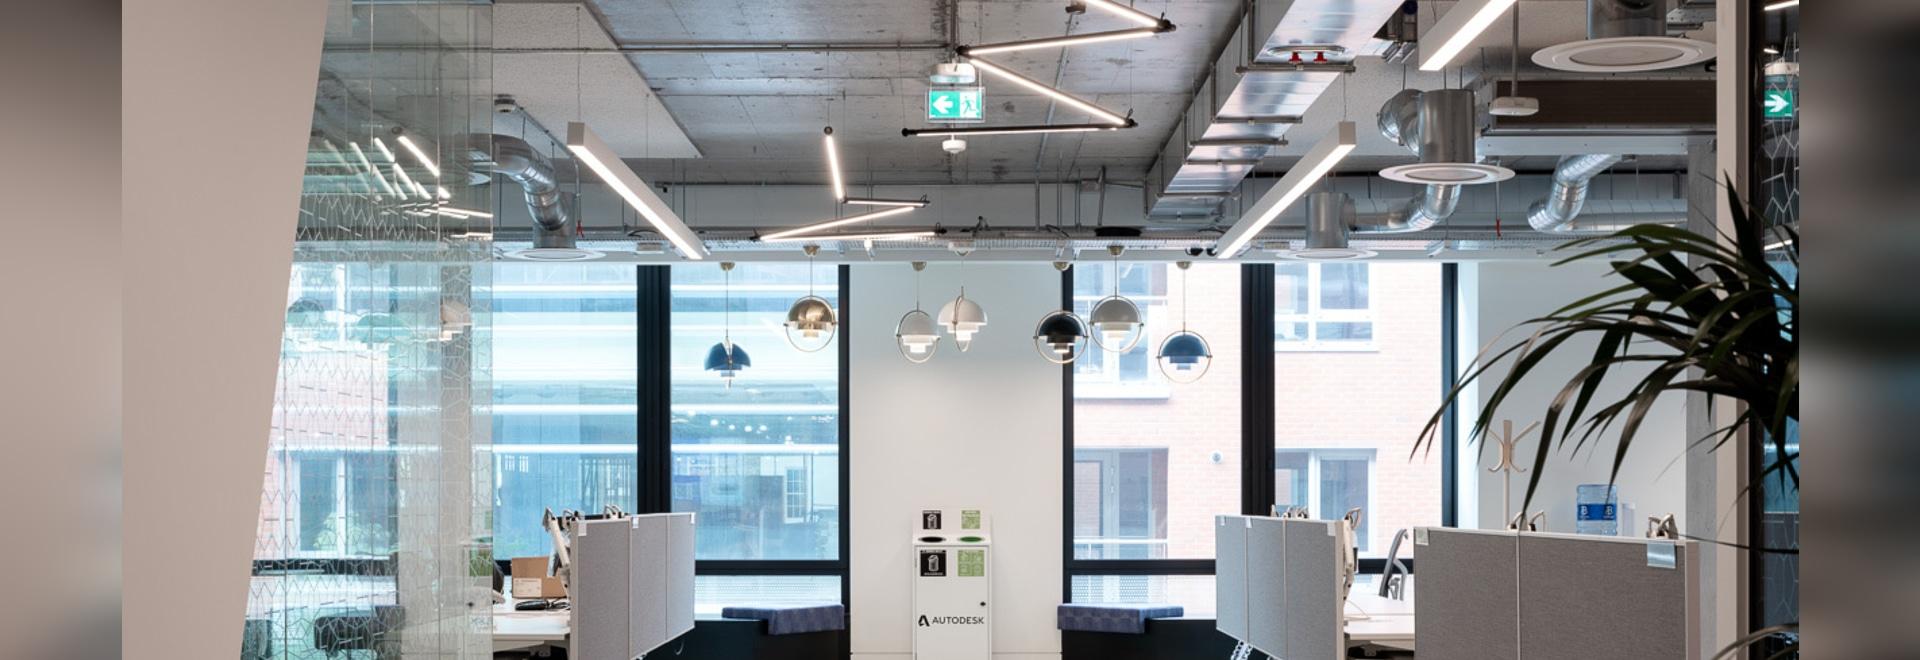 Oficinas de Autodesk